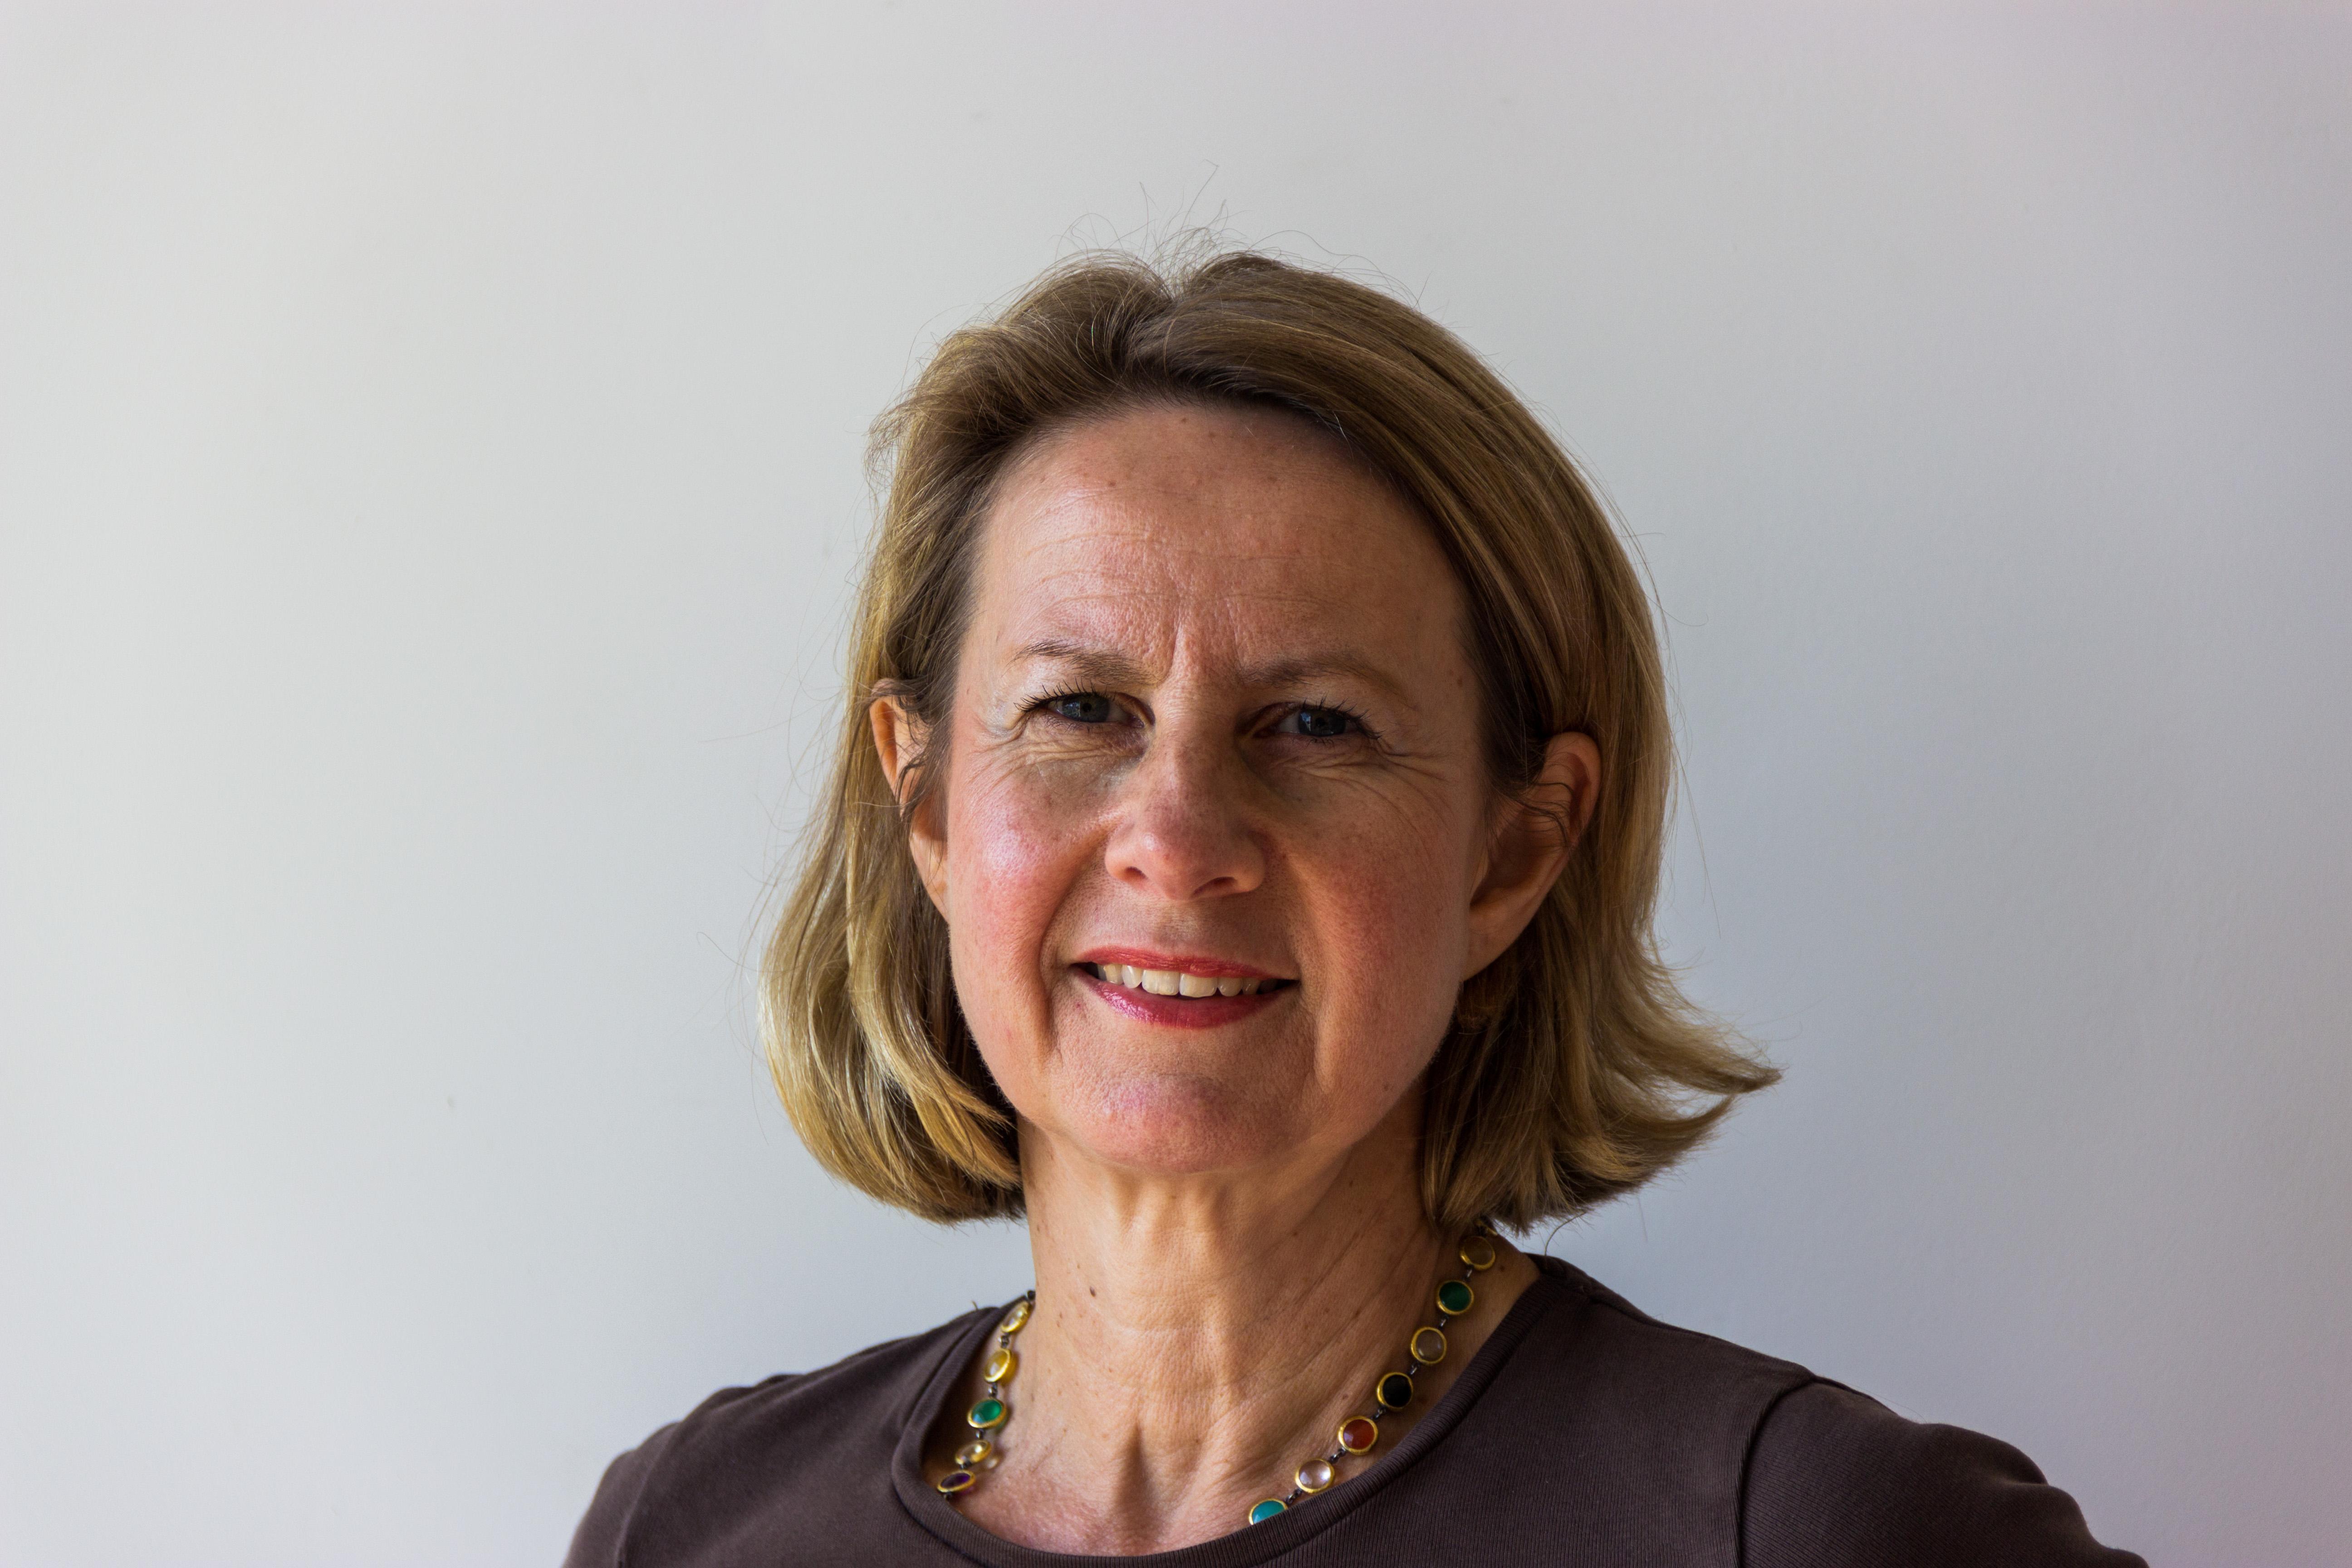 Annette Krause-Thiel studierte von 1982 bis 1987 Jura in Berlin und München